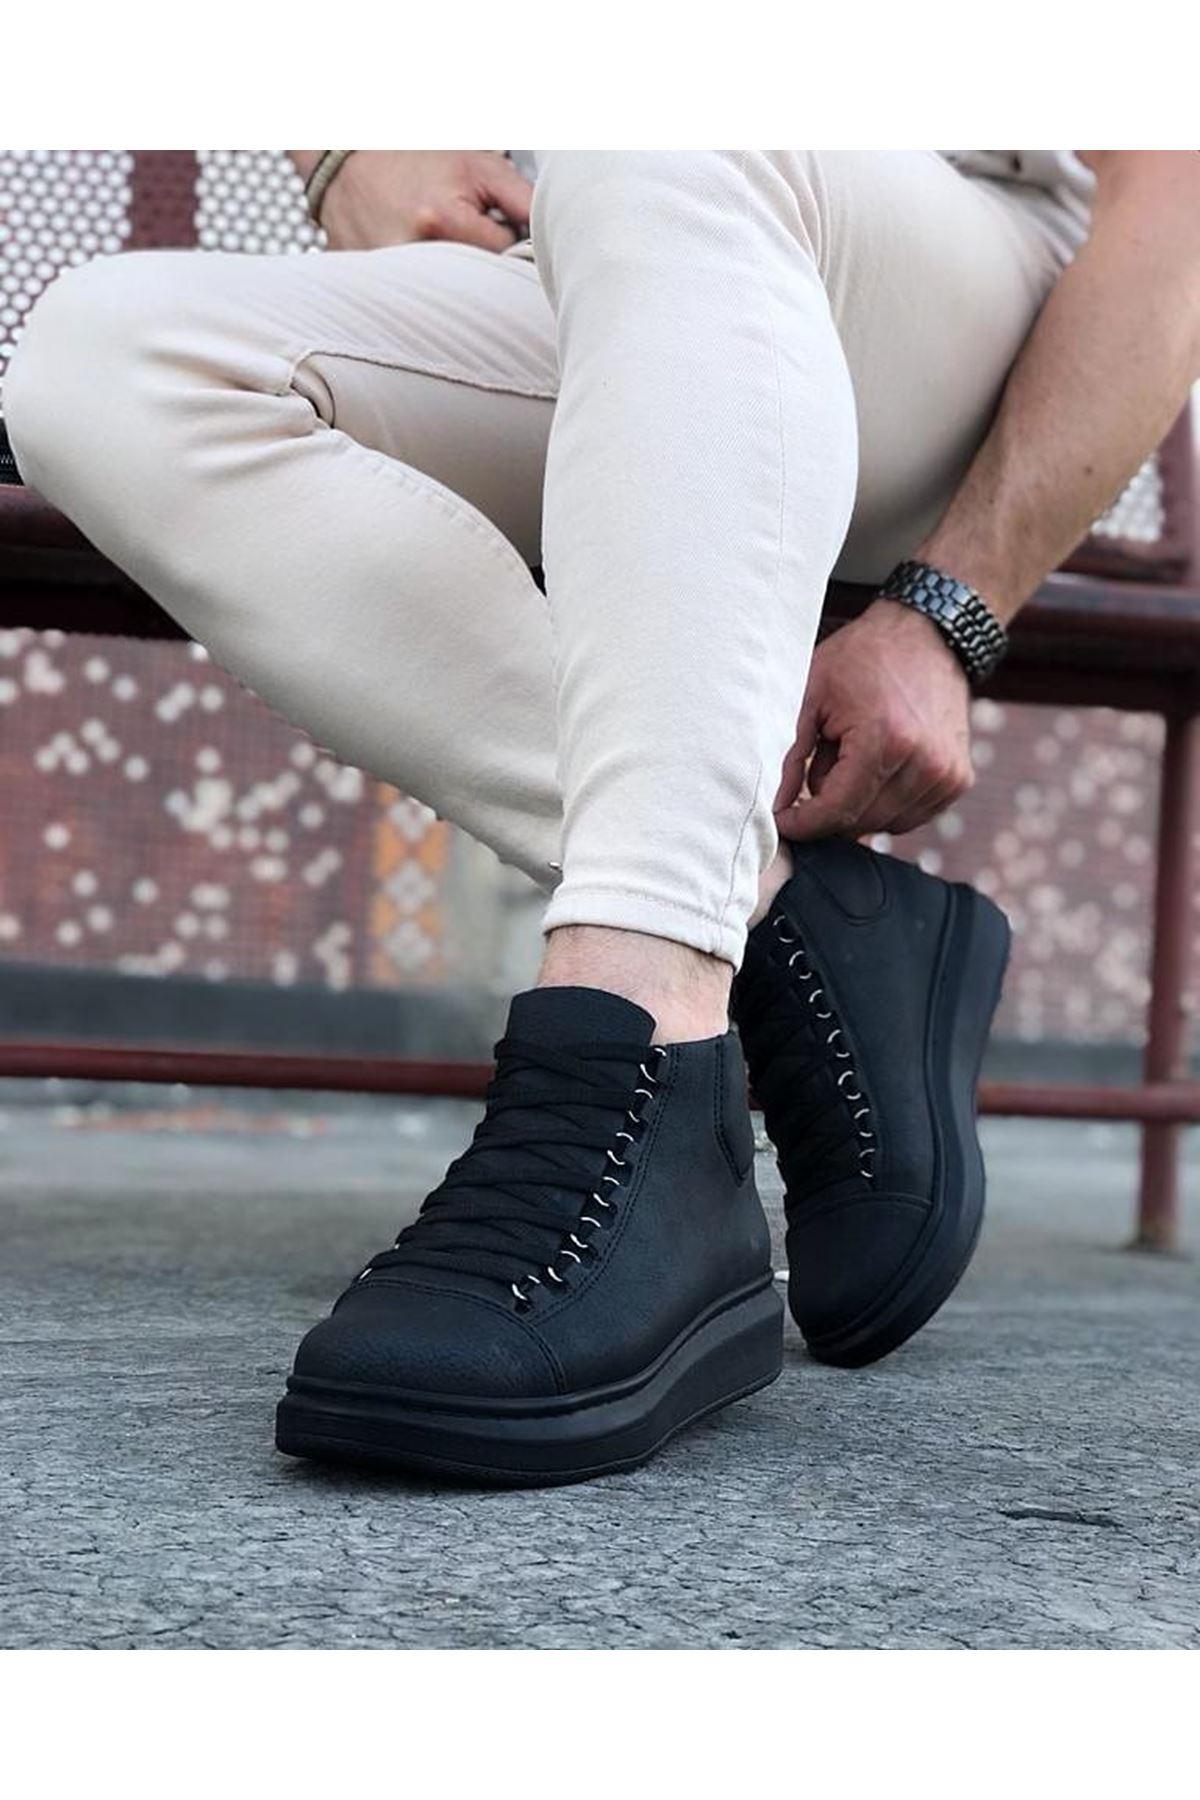 Wagoon WG032 Kömür Bağcıklı Sneakers  Yarım Bilek Bot